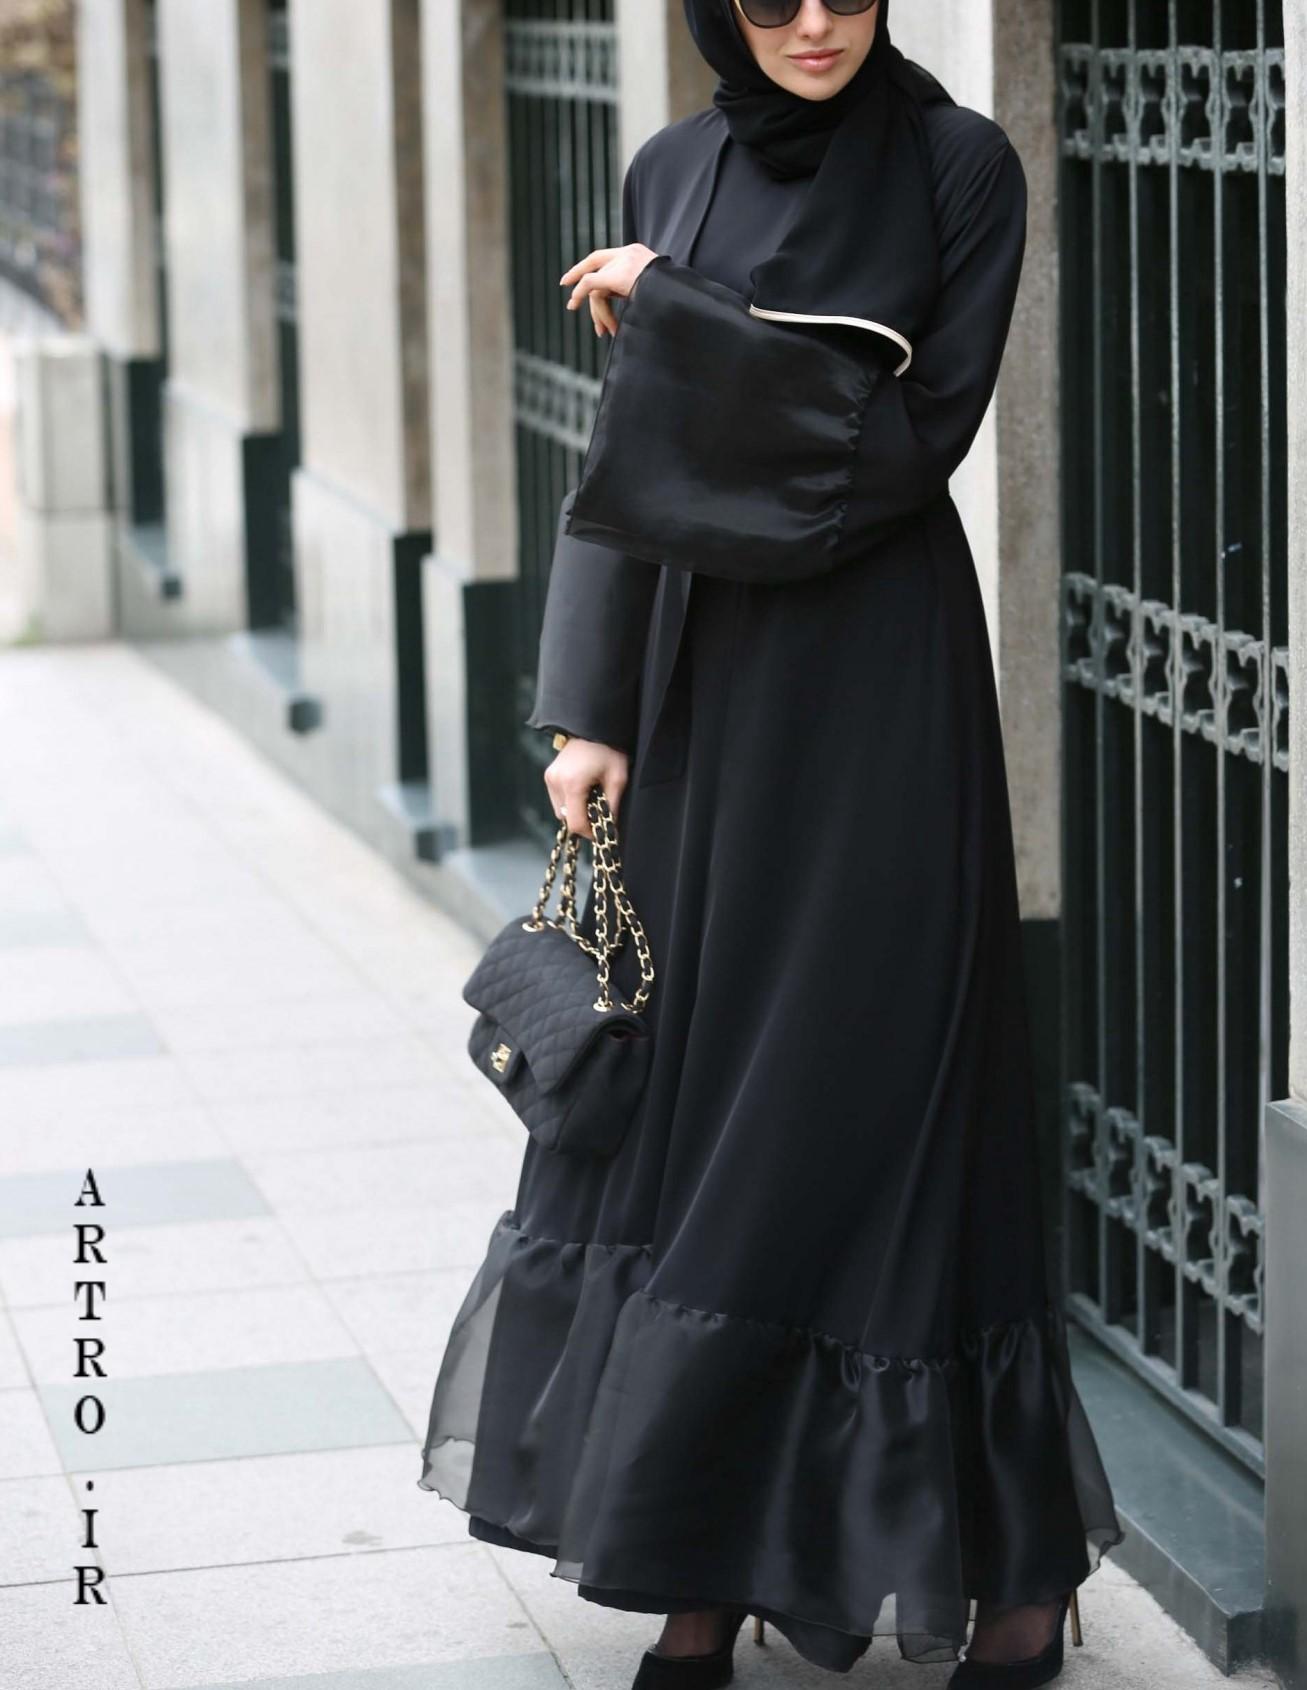 مدل مانتو مشکی بلند جدید دخترانه